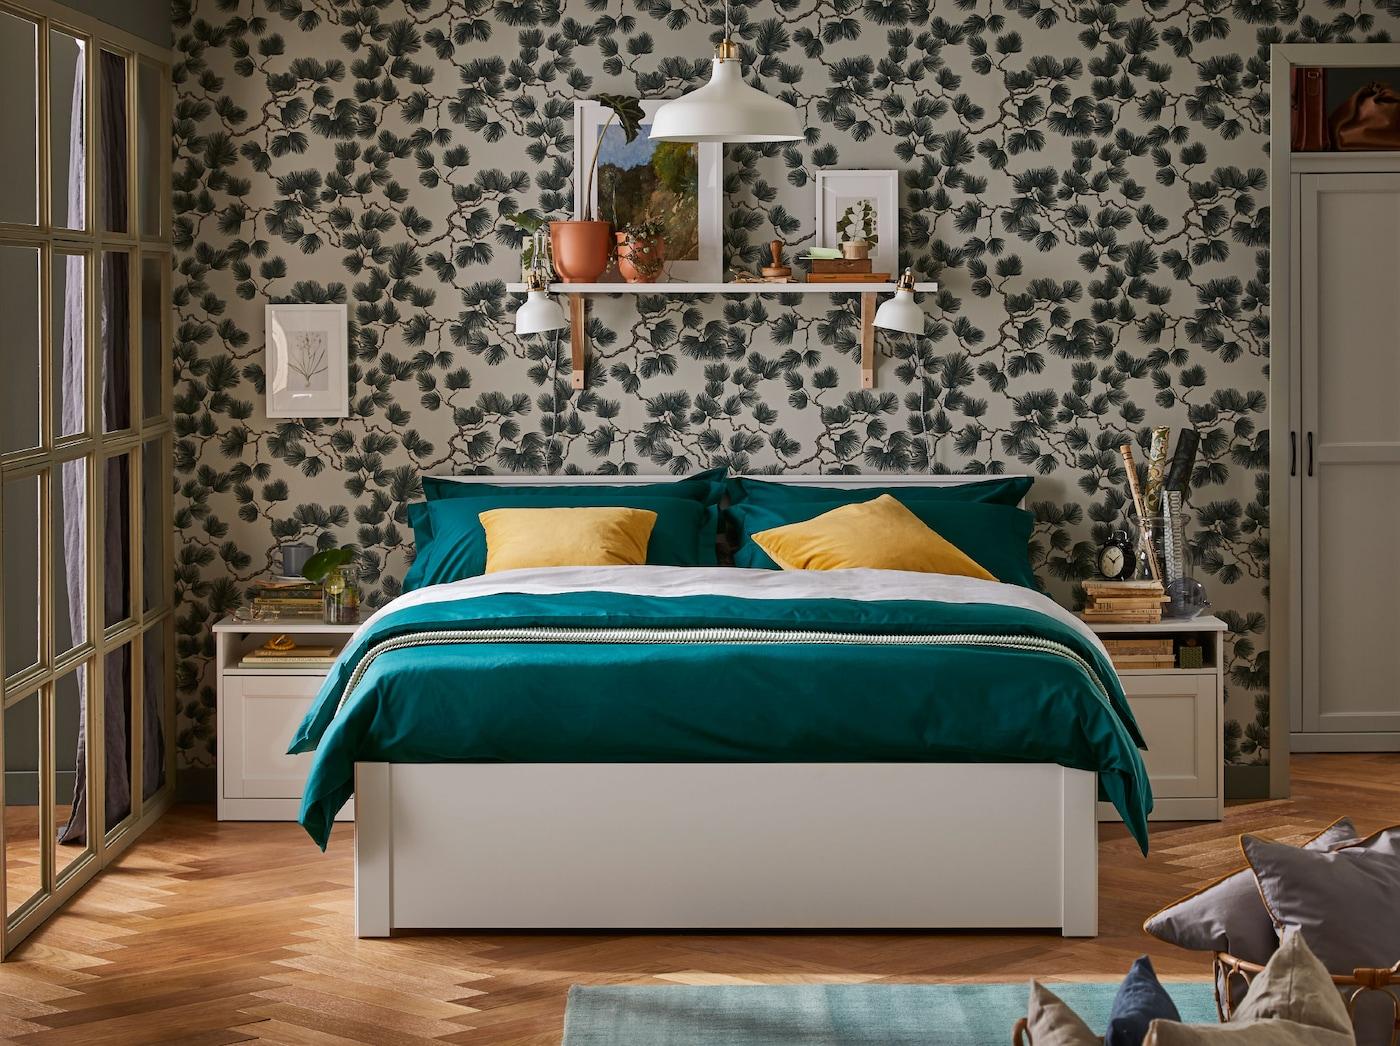 Een tweepersoonsbed met groene dekbedovertrekken en gele kussens. Een plankje hangt aan de muur  en een hanglamp hangt boven het bed.